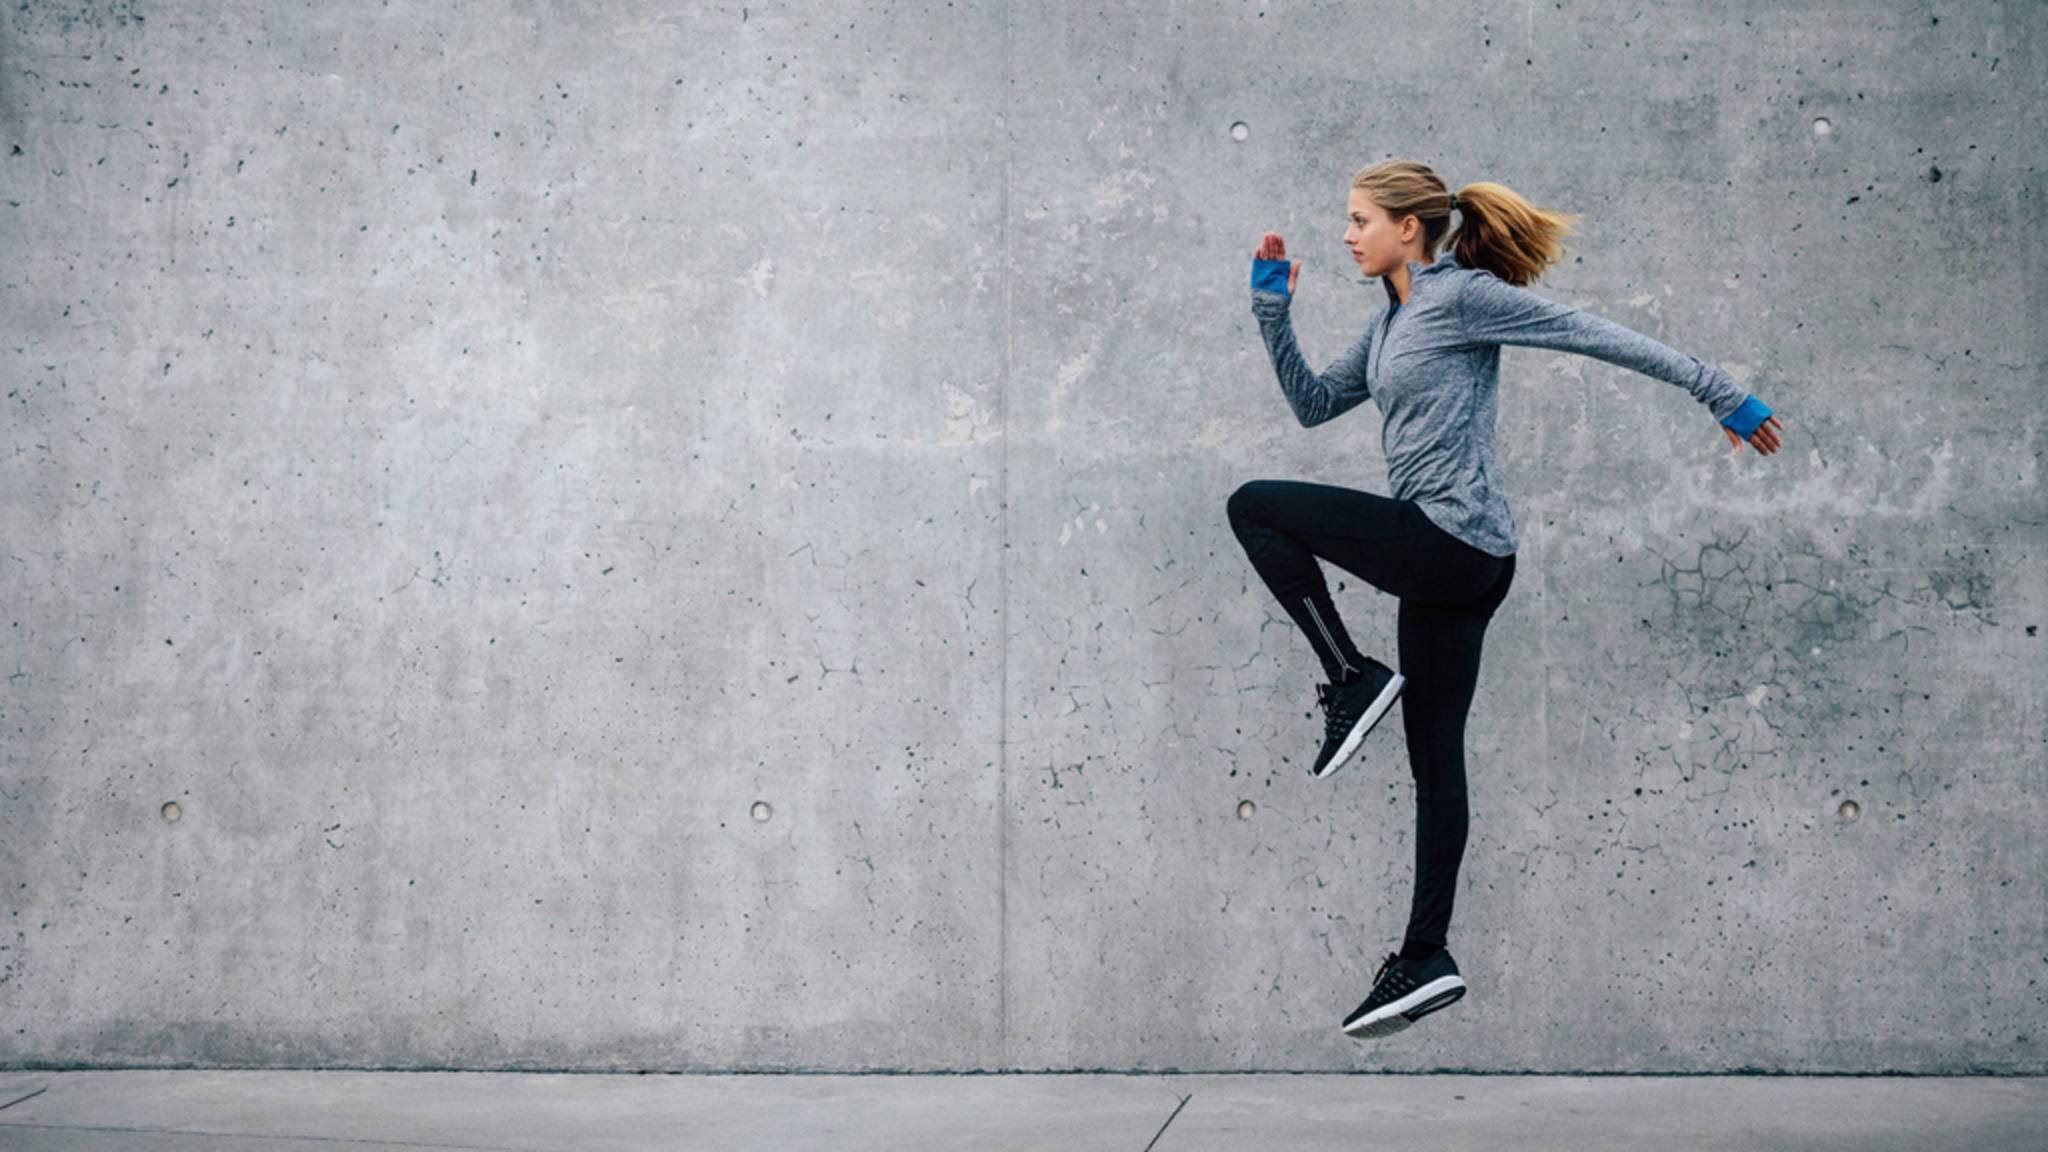 Höher, schneller, weiter: Beim Tabata-Training gilt es, vier Minuten lang die eigenen körperlichen Grenzen auszuloten.